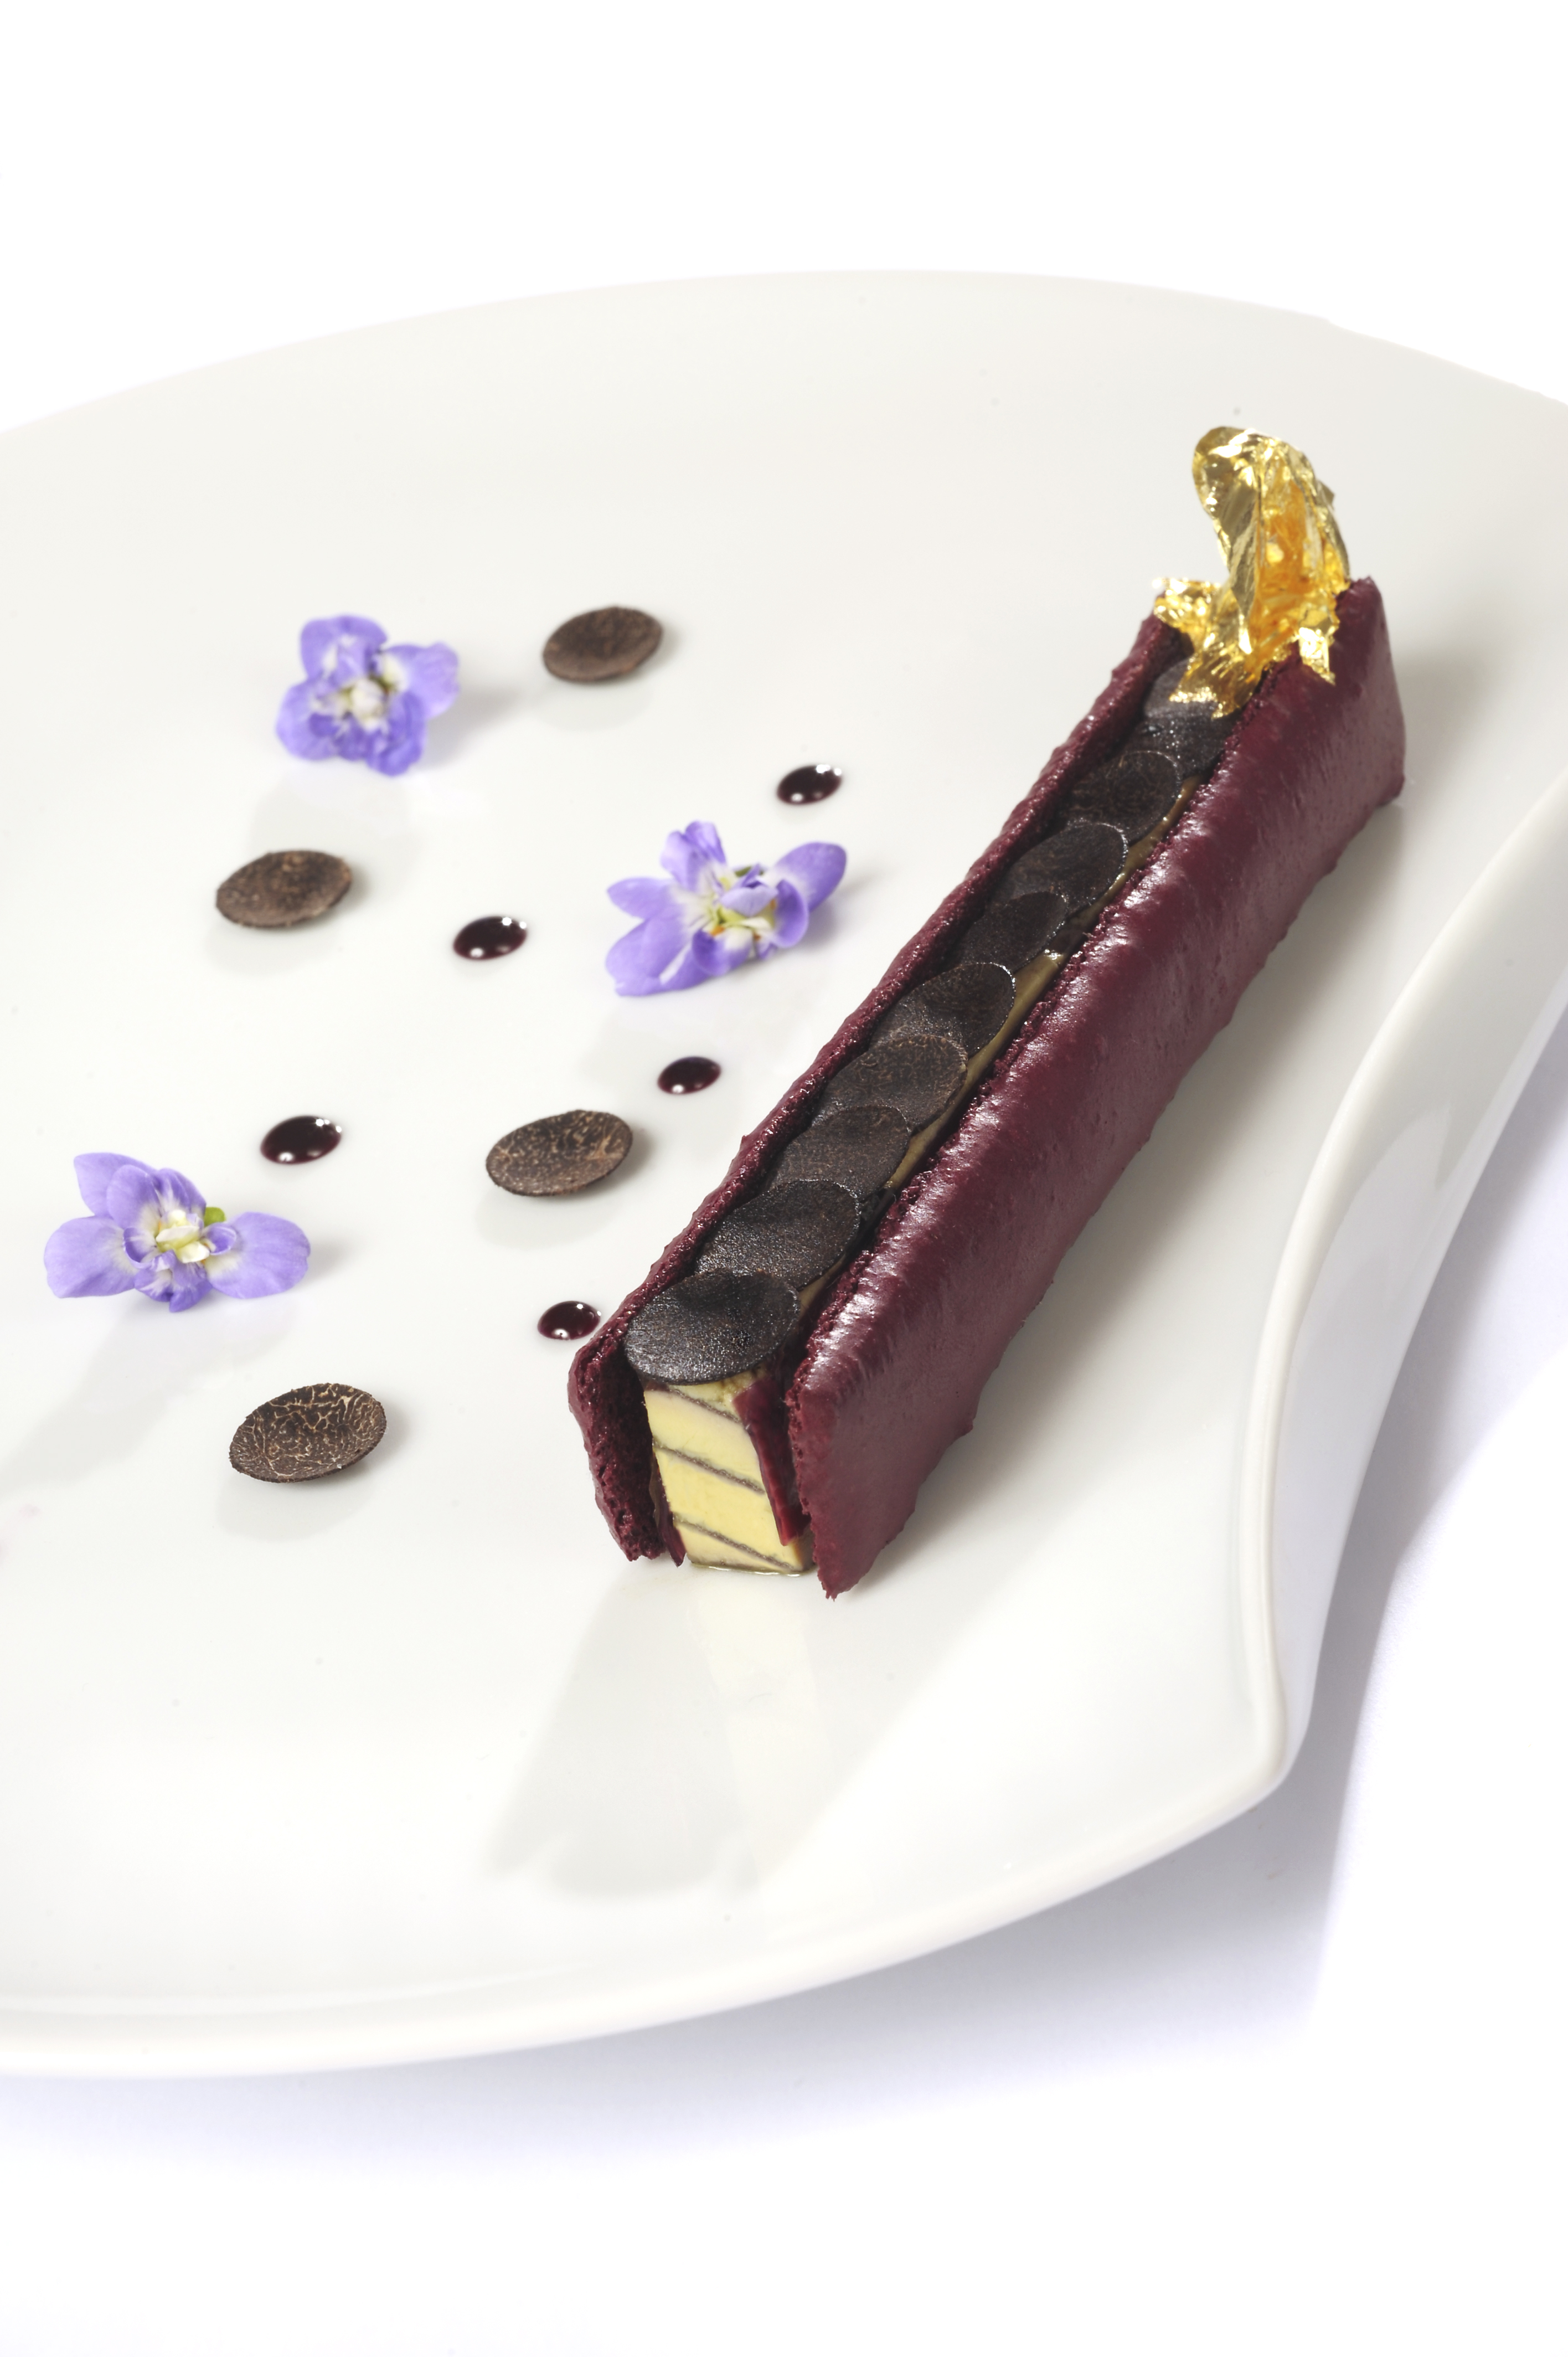 Foie gras de canard poché au porto en éclair macaroné à la violette ...